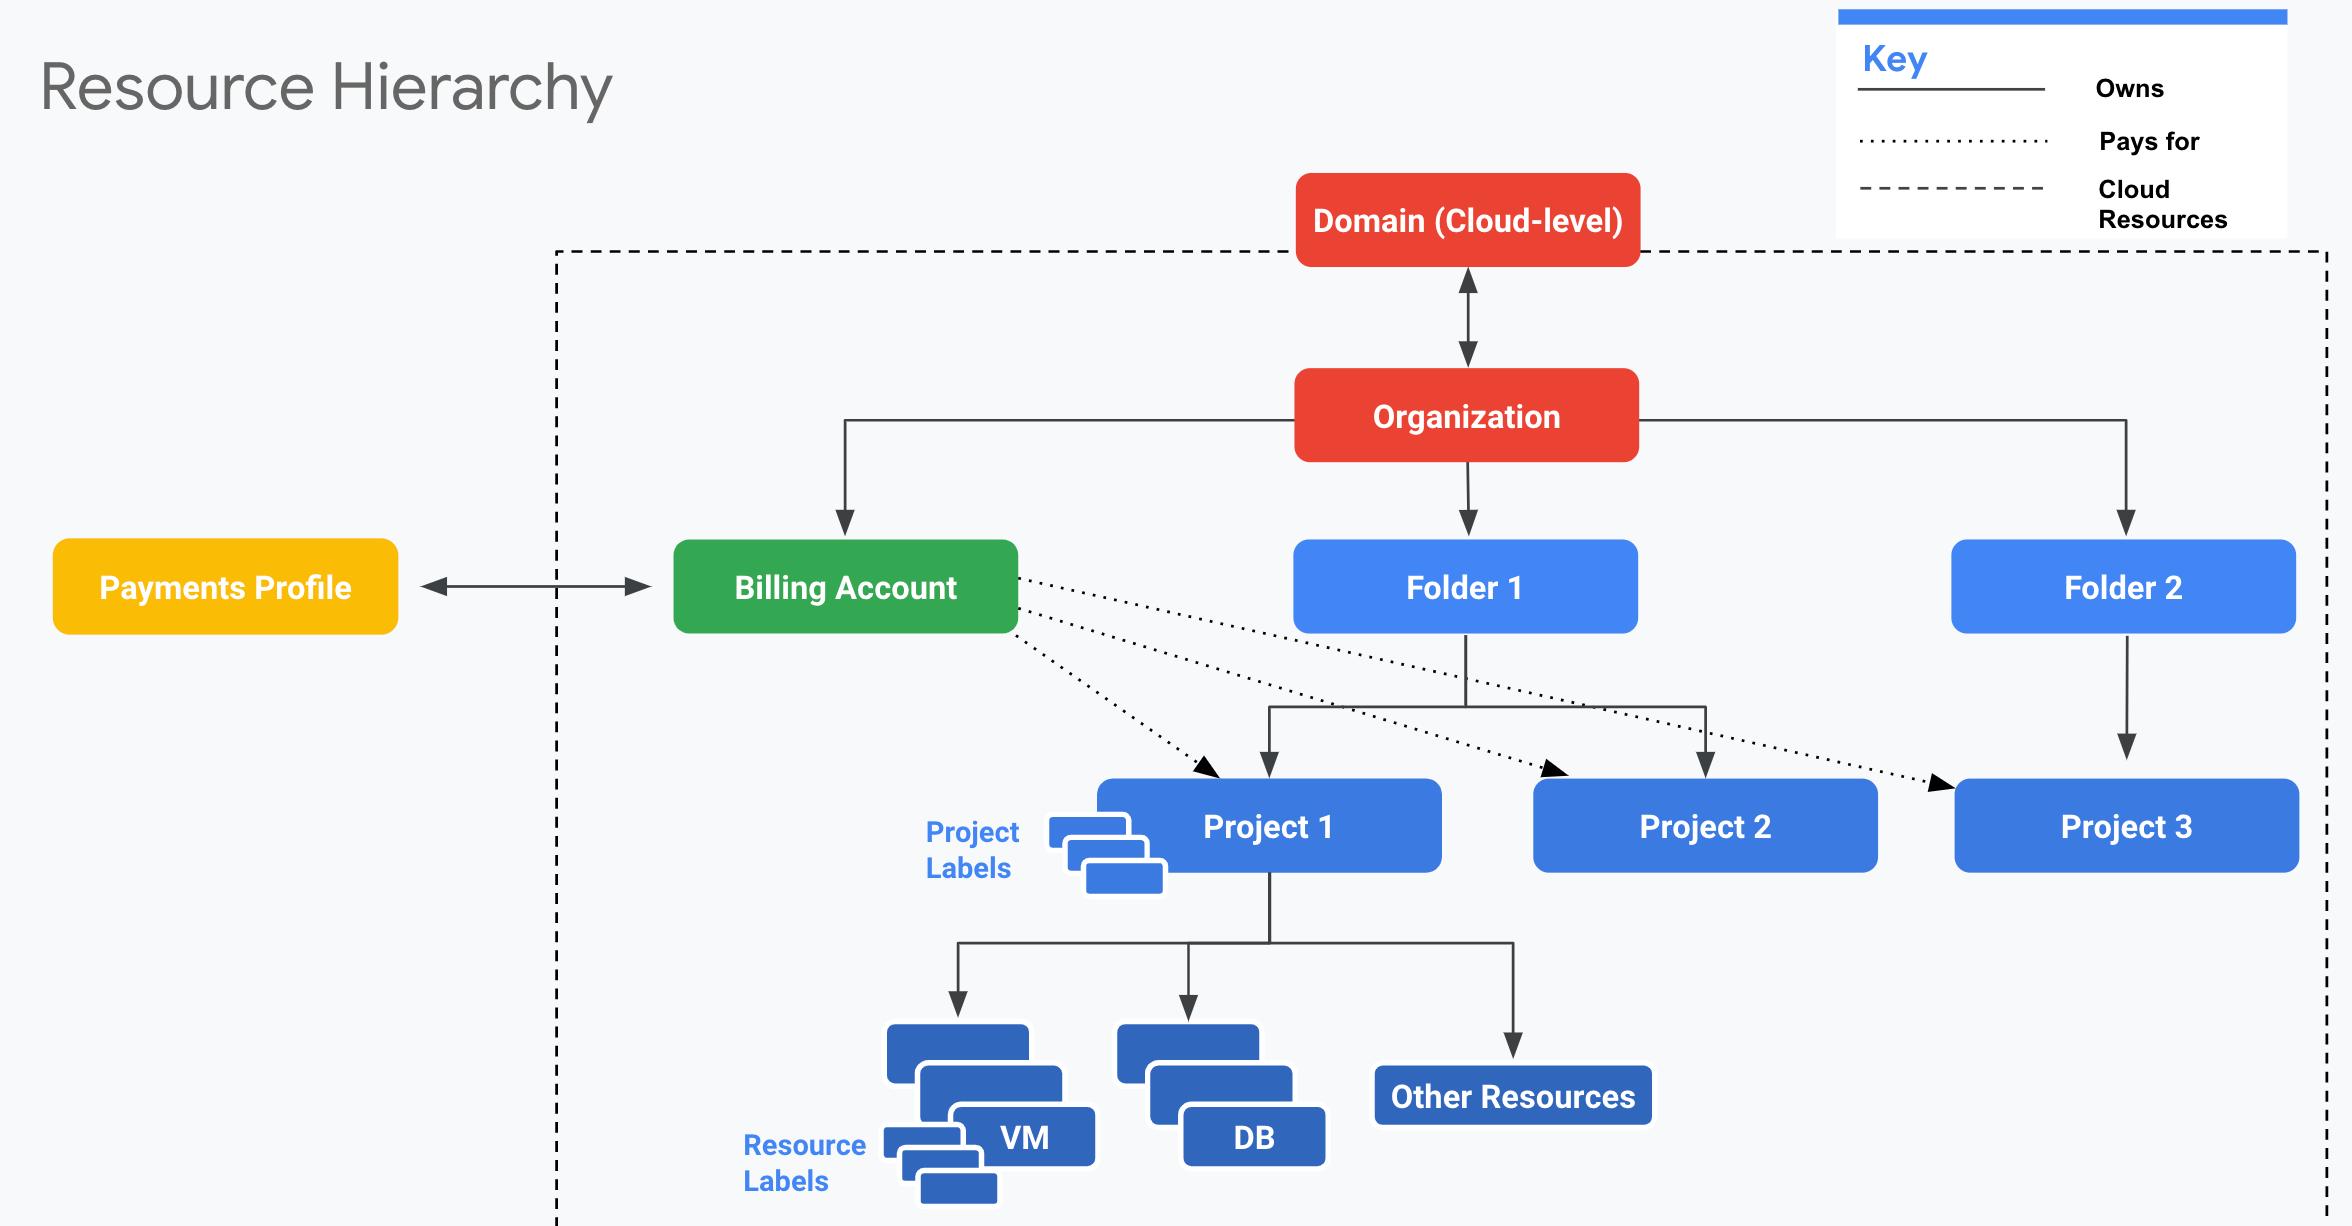 Ejemplo de jerarquía de recursos que ilustra los recursos principales a nivel de la cuenta que participan en la administración de la cuenta de GoogleCloud y cómo se relacionan con la cuenta de facturación de Cloud y el perfil de pagos.